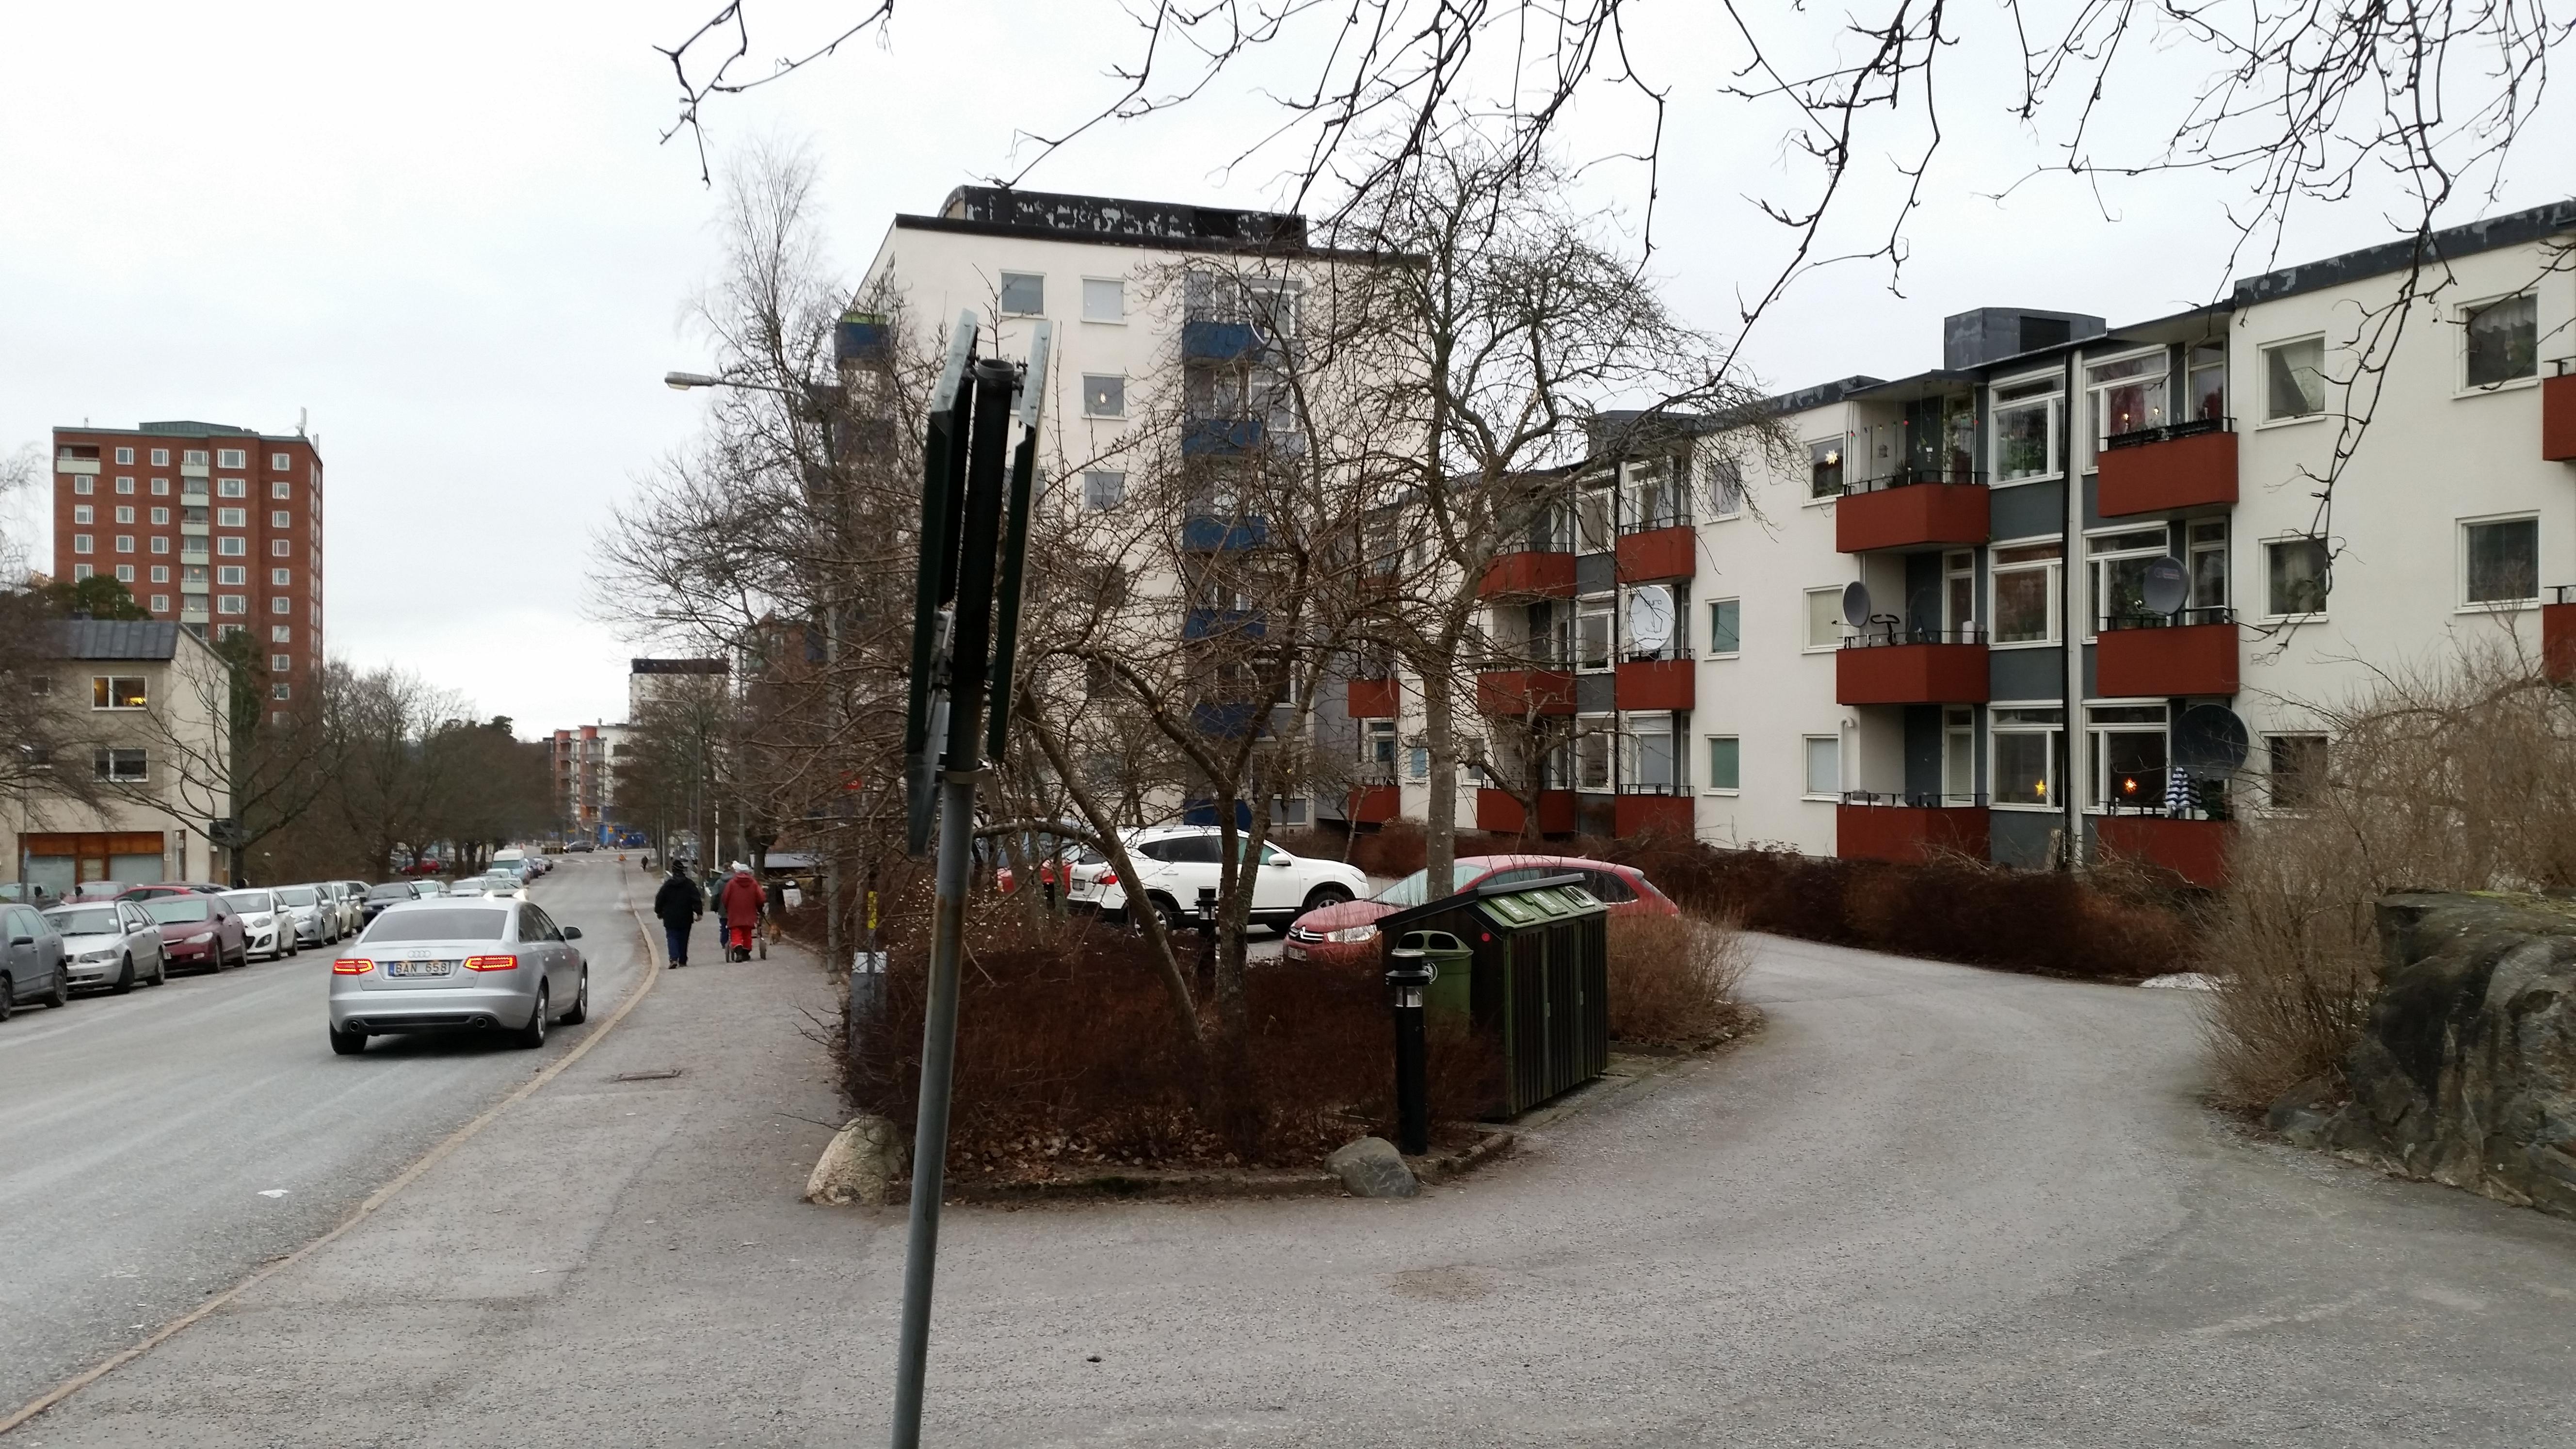 Det blev en promenad i Hässelby idag för att se hur det ser ut där jag växte upp, Det har hänt en hel del på senare år men Aprikosgatan 56 är sig likt.